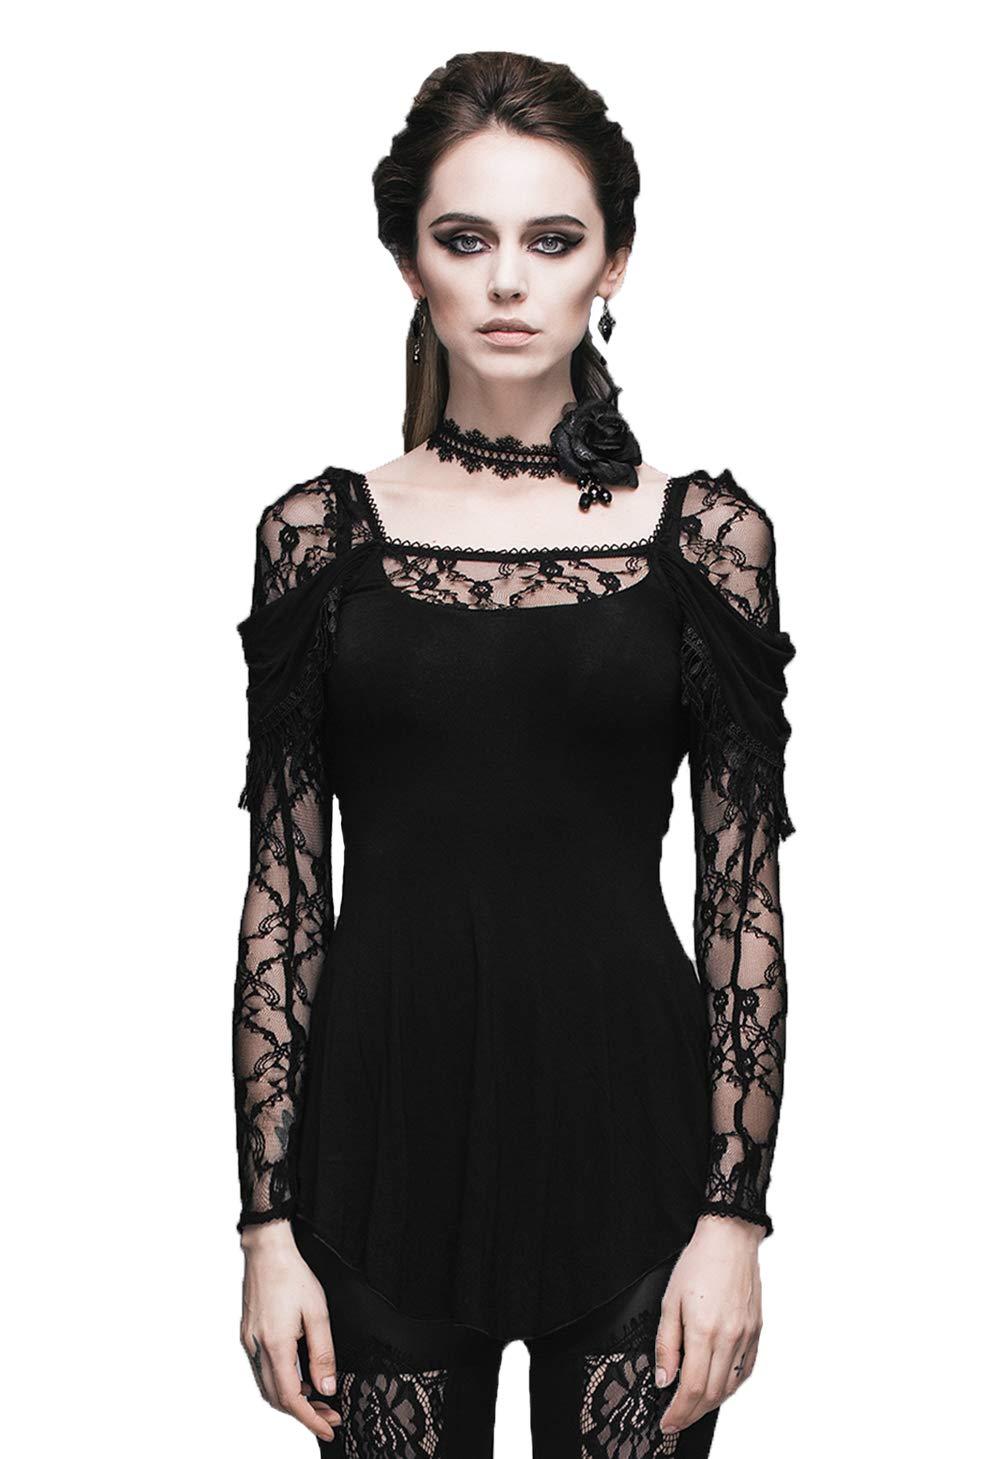 05c1ea57816e Devil Fashion Affollamento Pizzo con Scollo a V Gotiche Donne Steampunk  Camicia a Maniche Lunghe Top